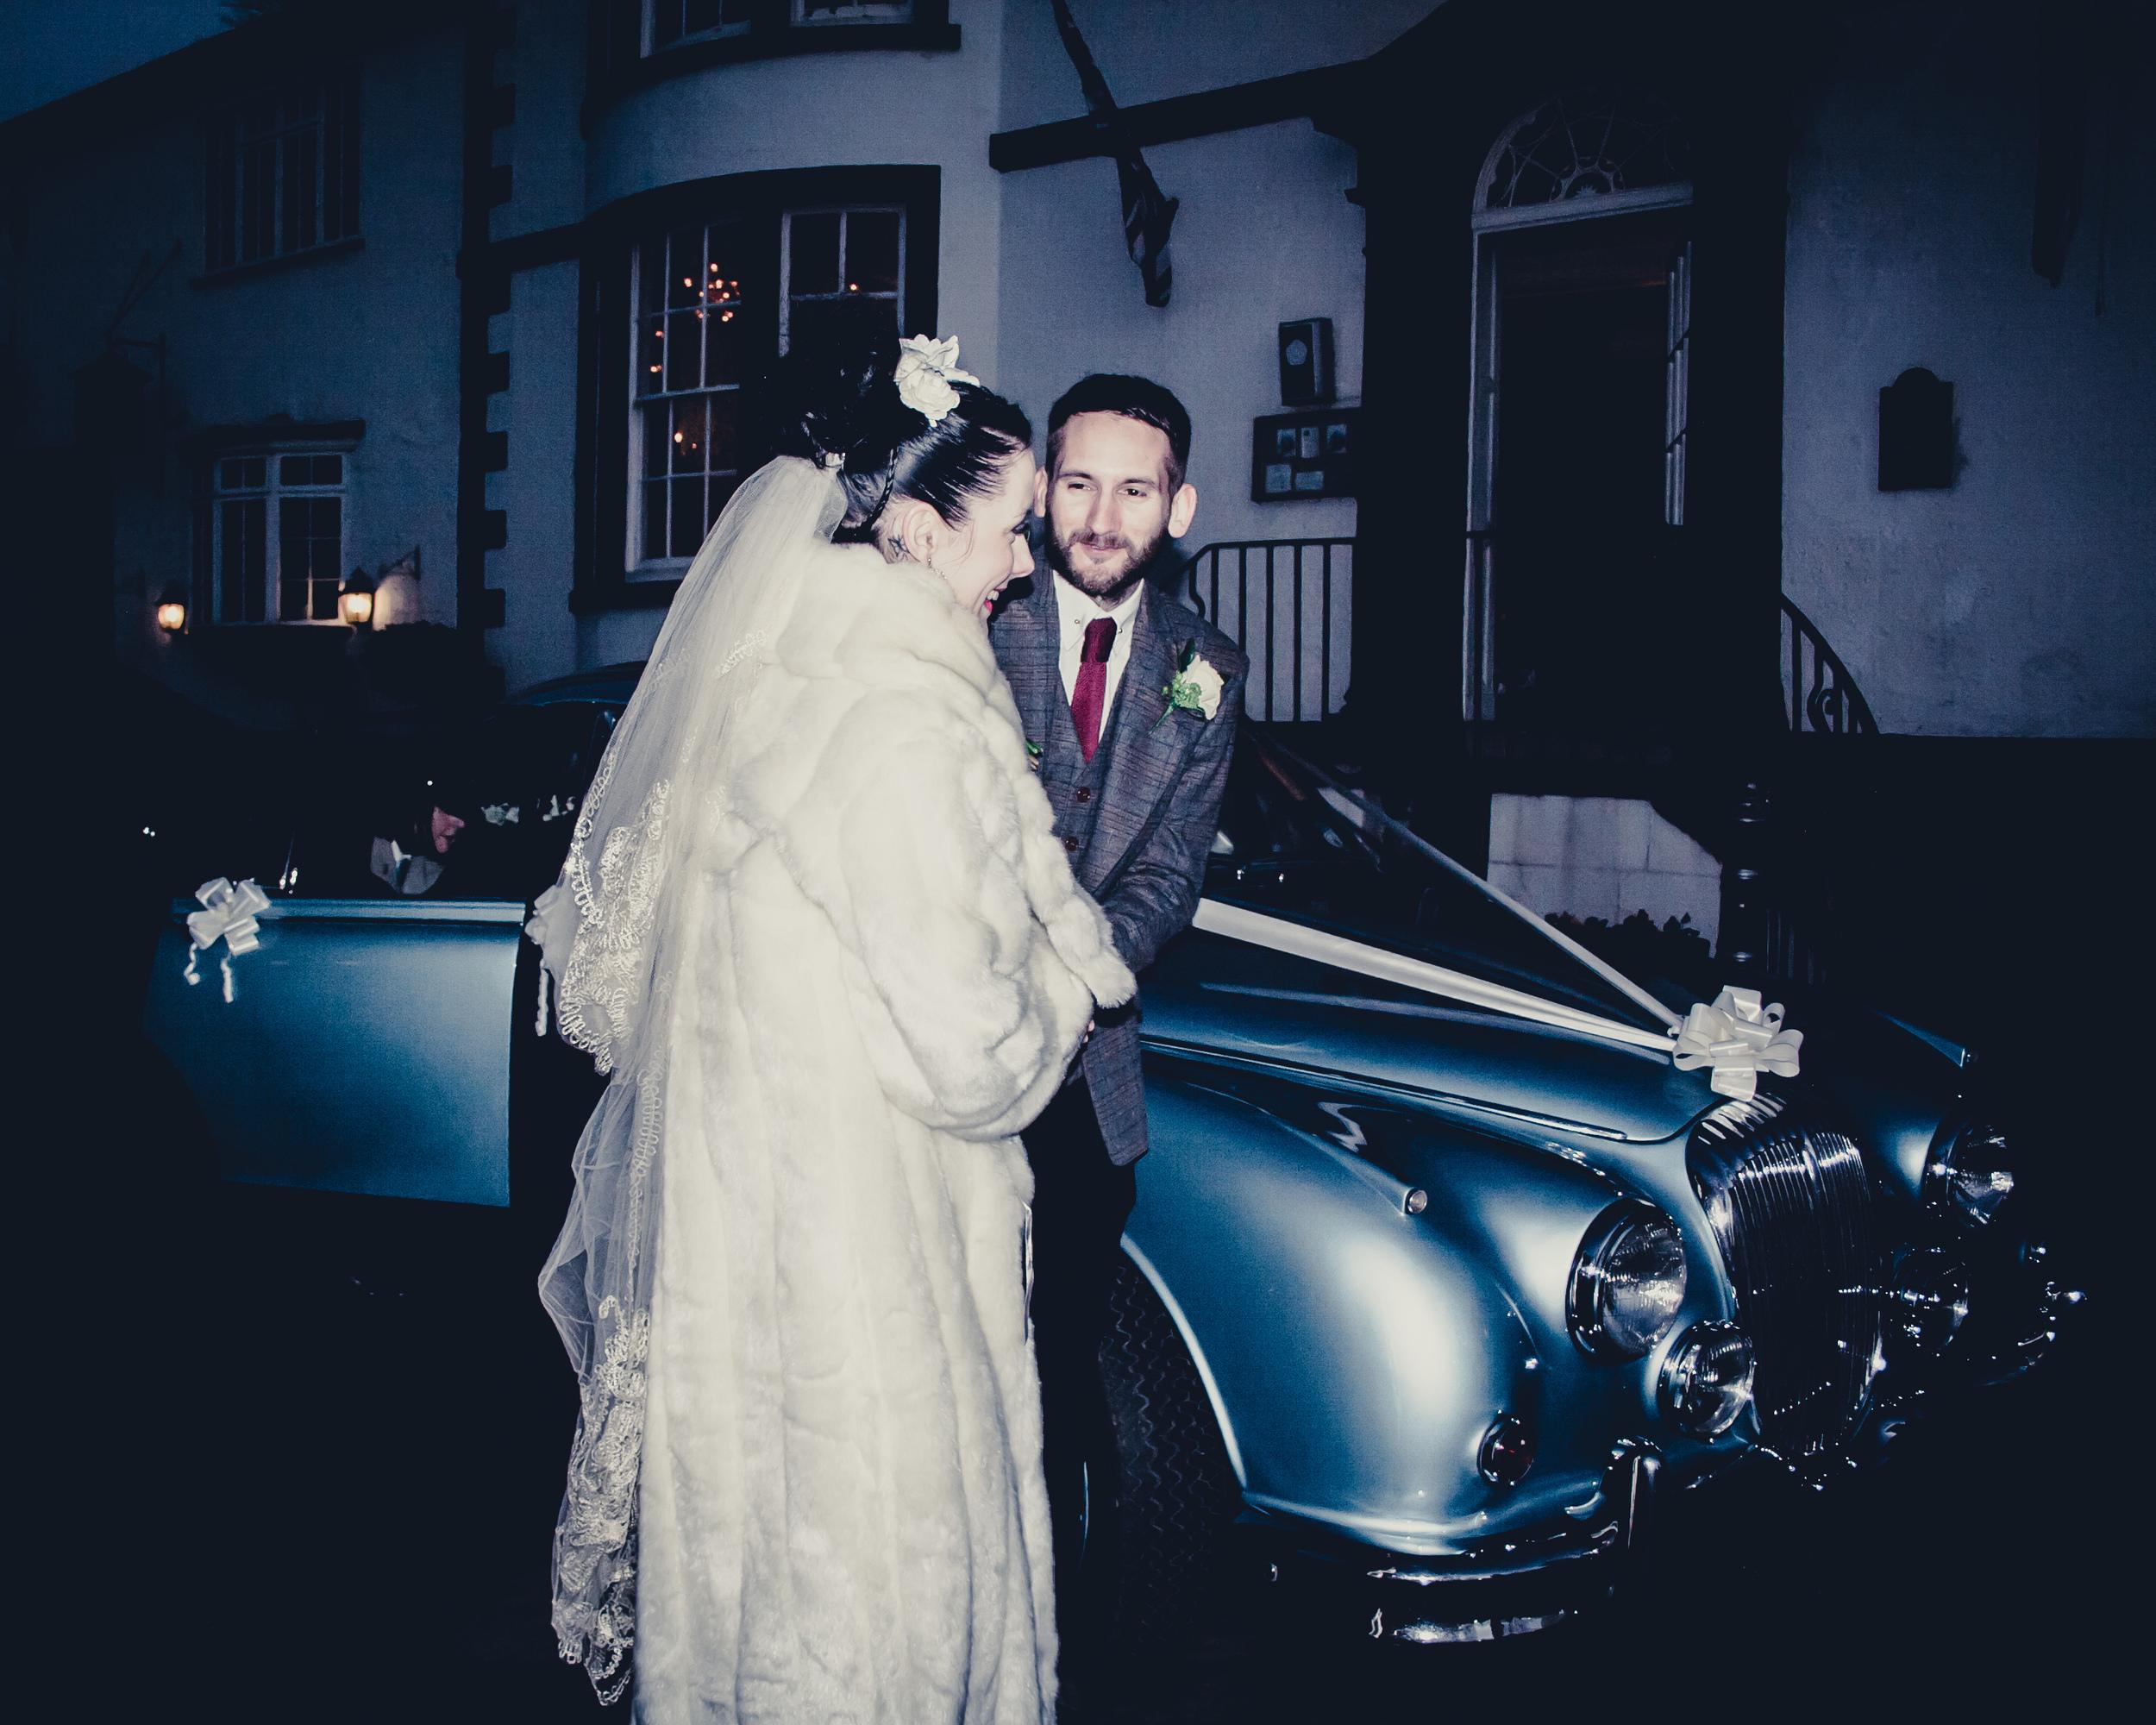 145 - Angela and Karls Wedding by www.markpugh.com -2261.jpg